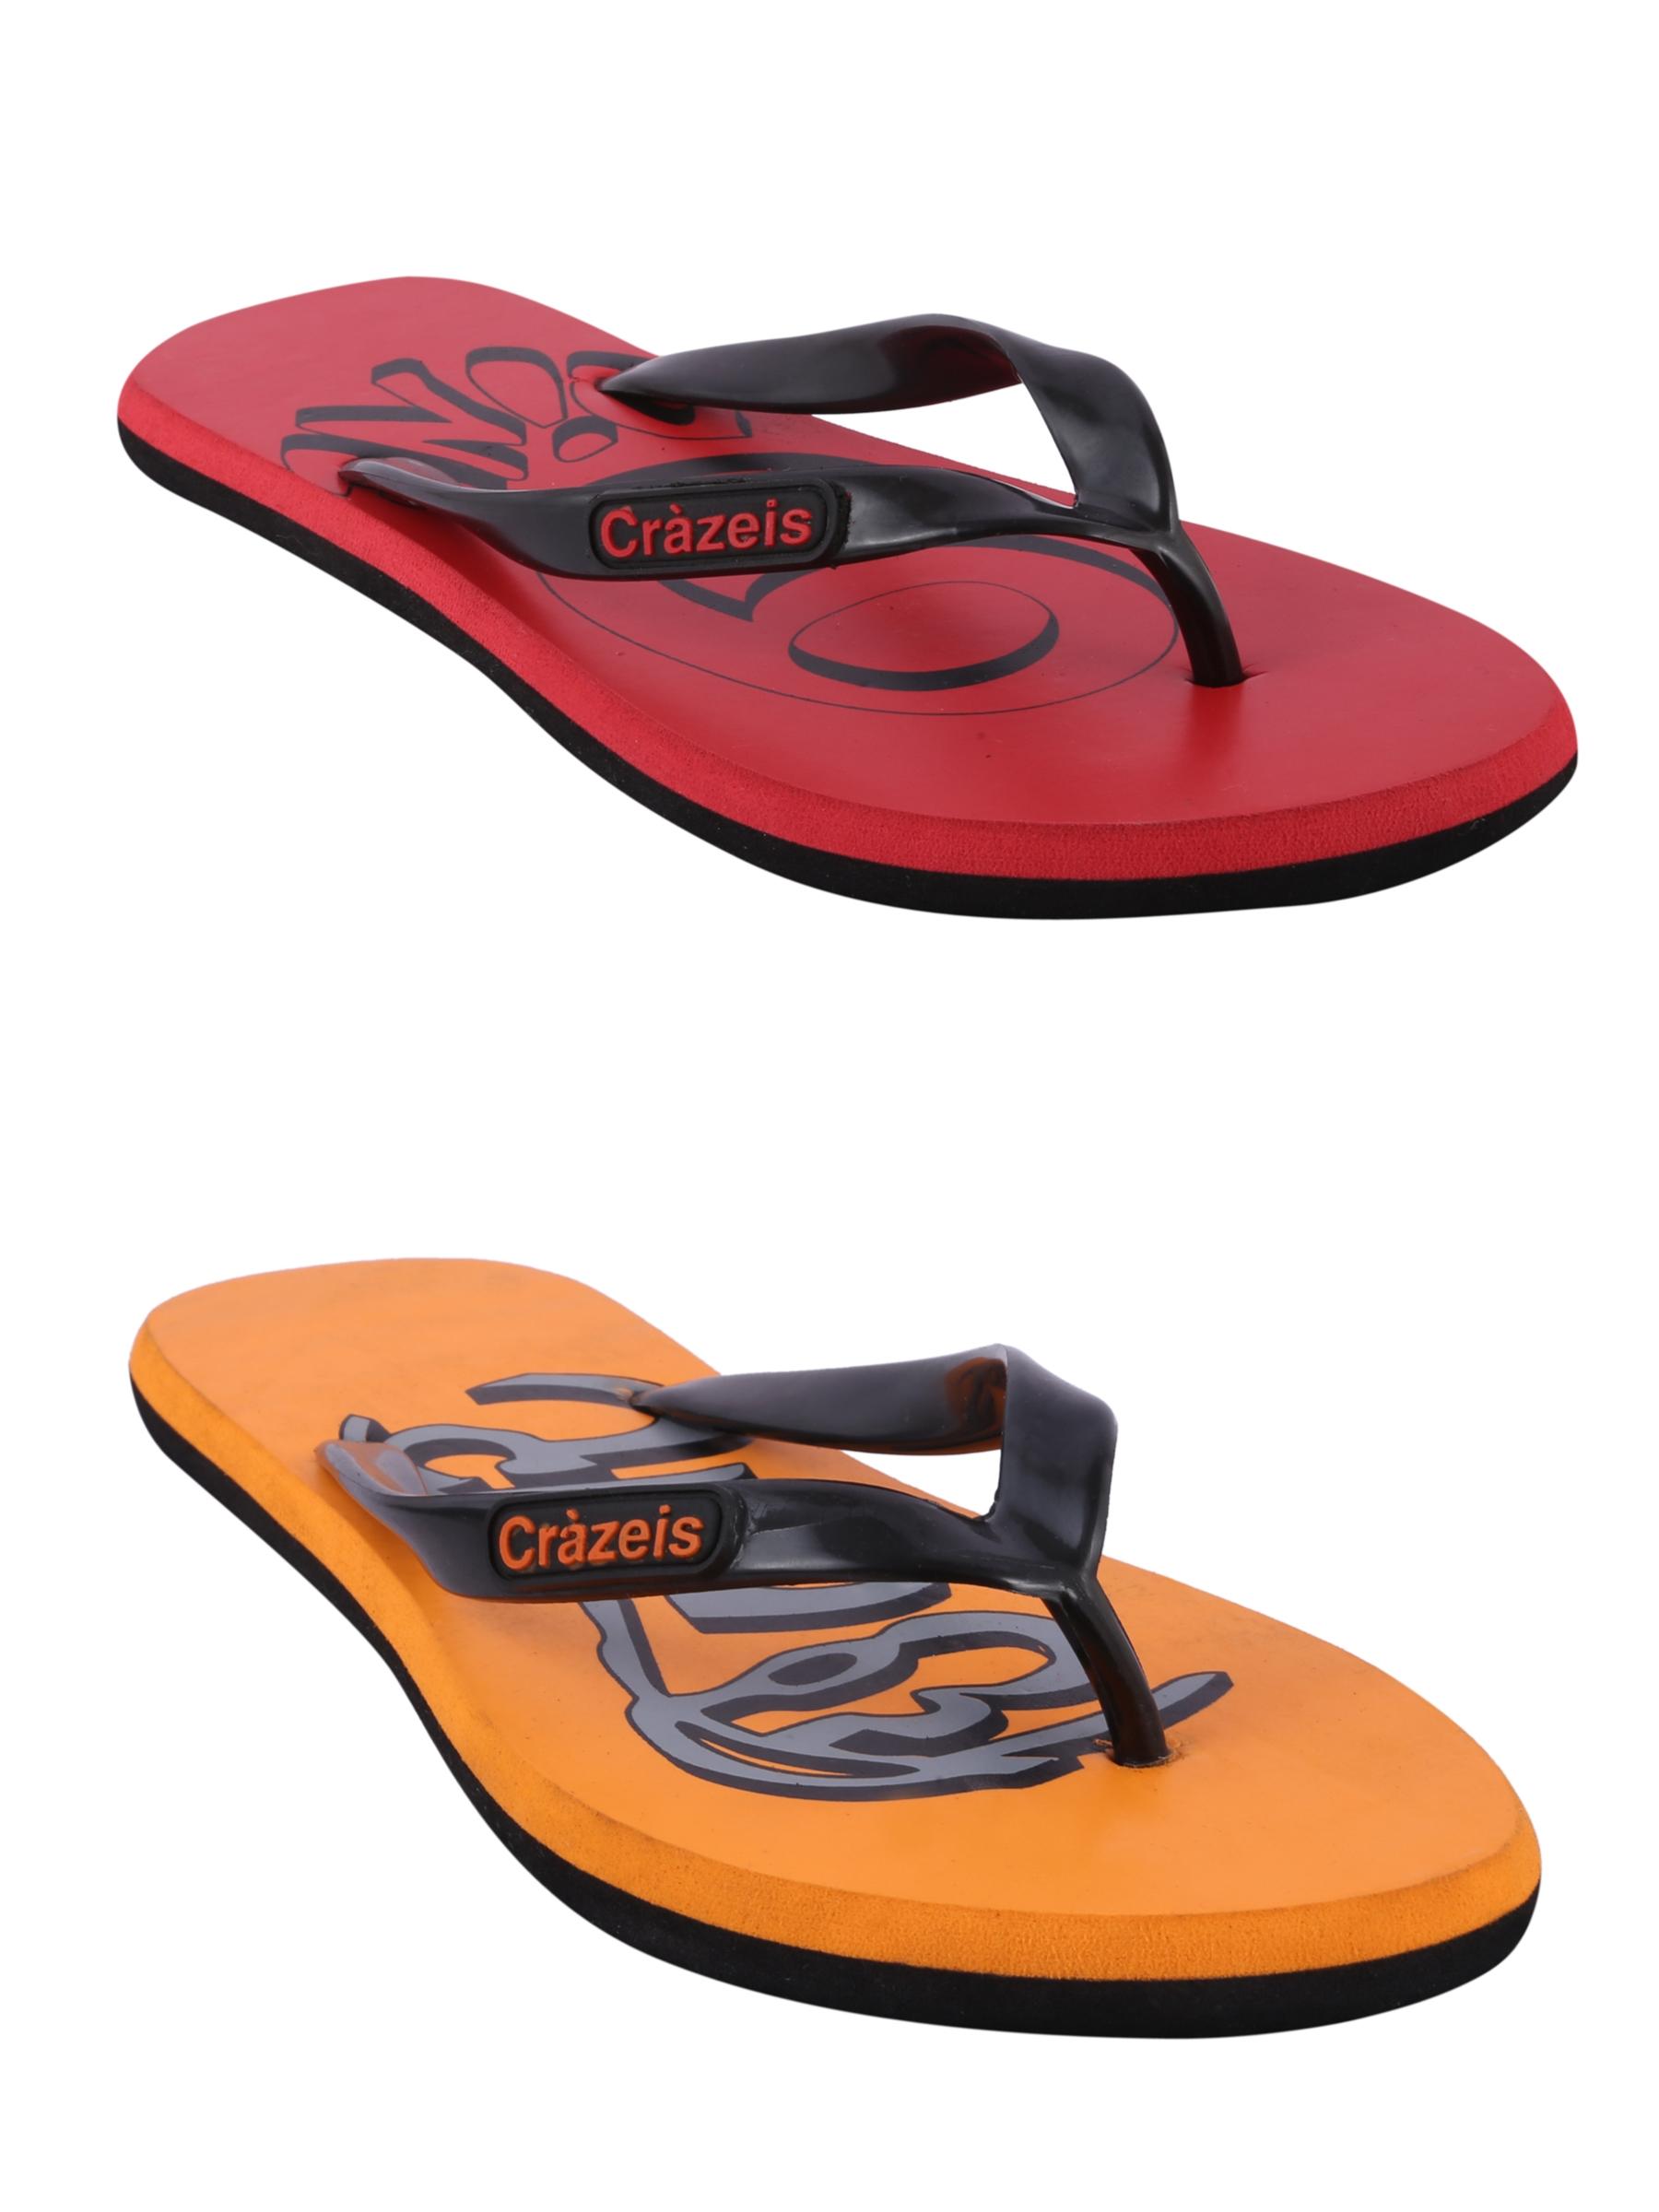 crazeis2 Crazeis Flip-flops Pack Of 2 For Men-003